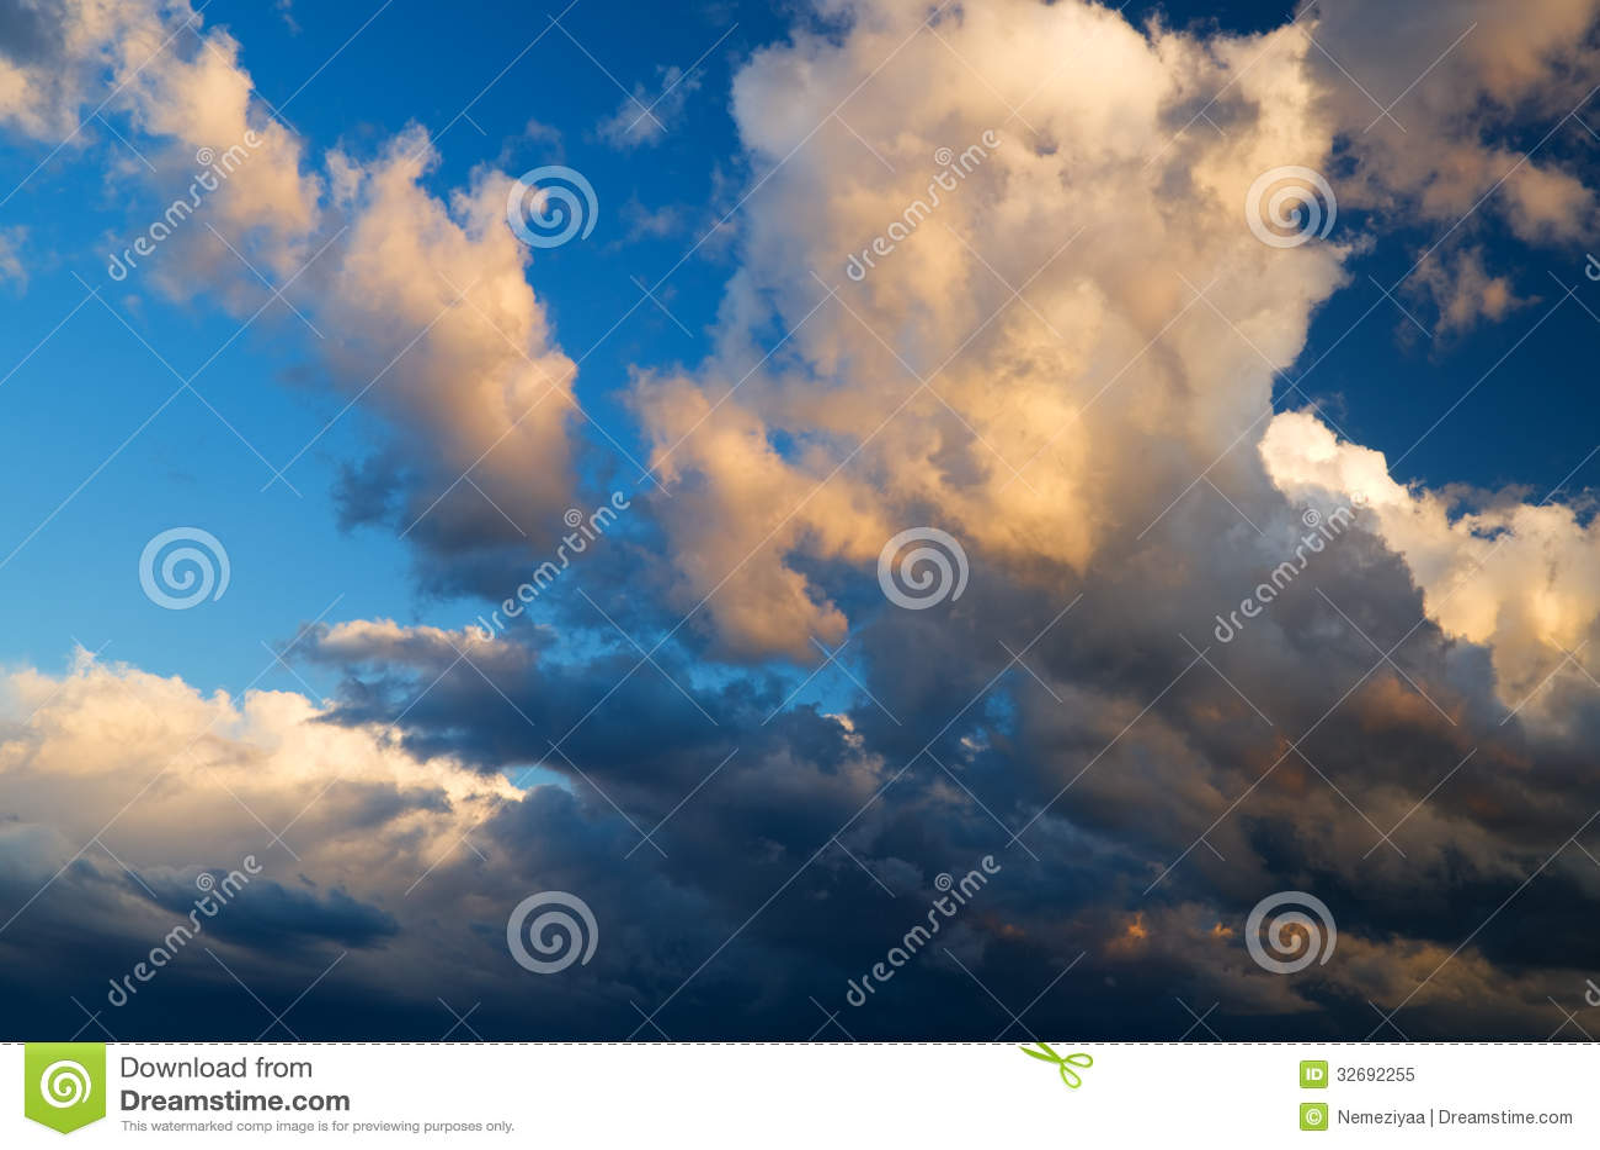 Άποψη των σύννεφων καταιγίδας.